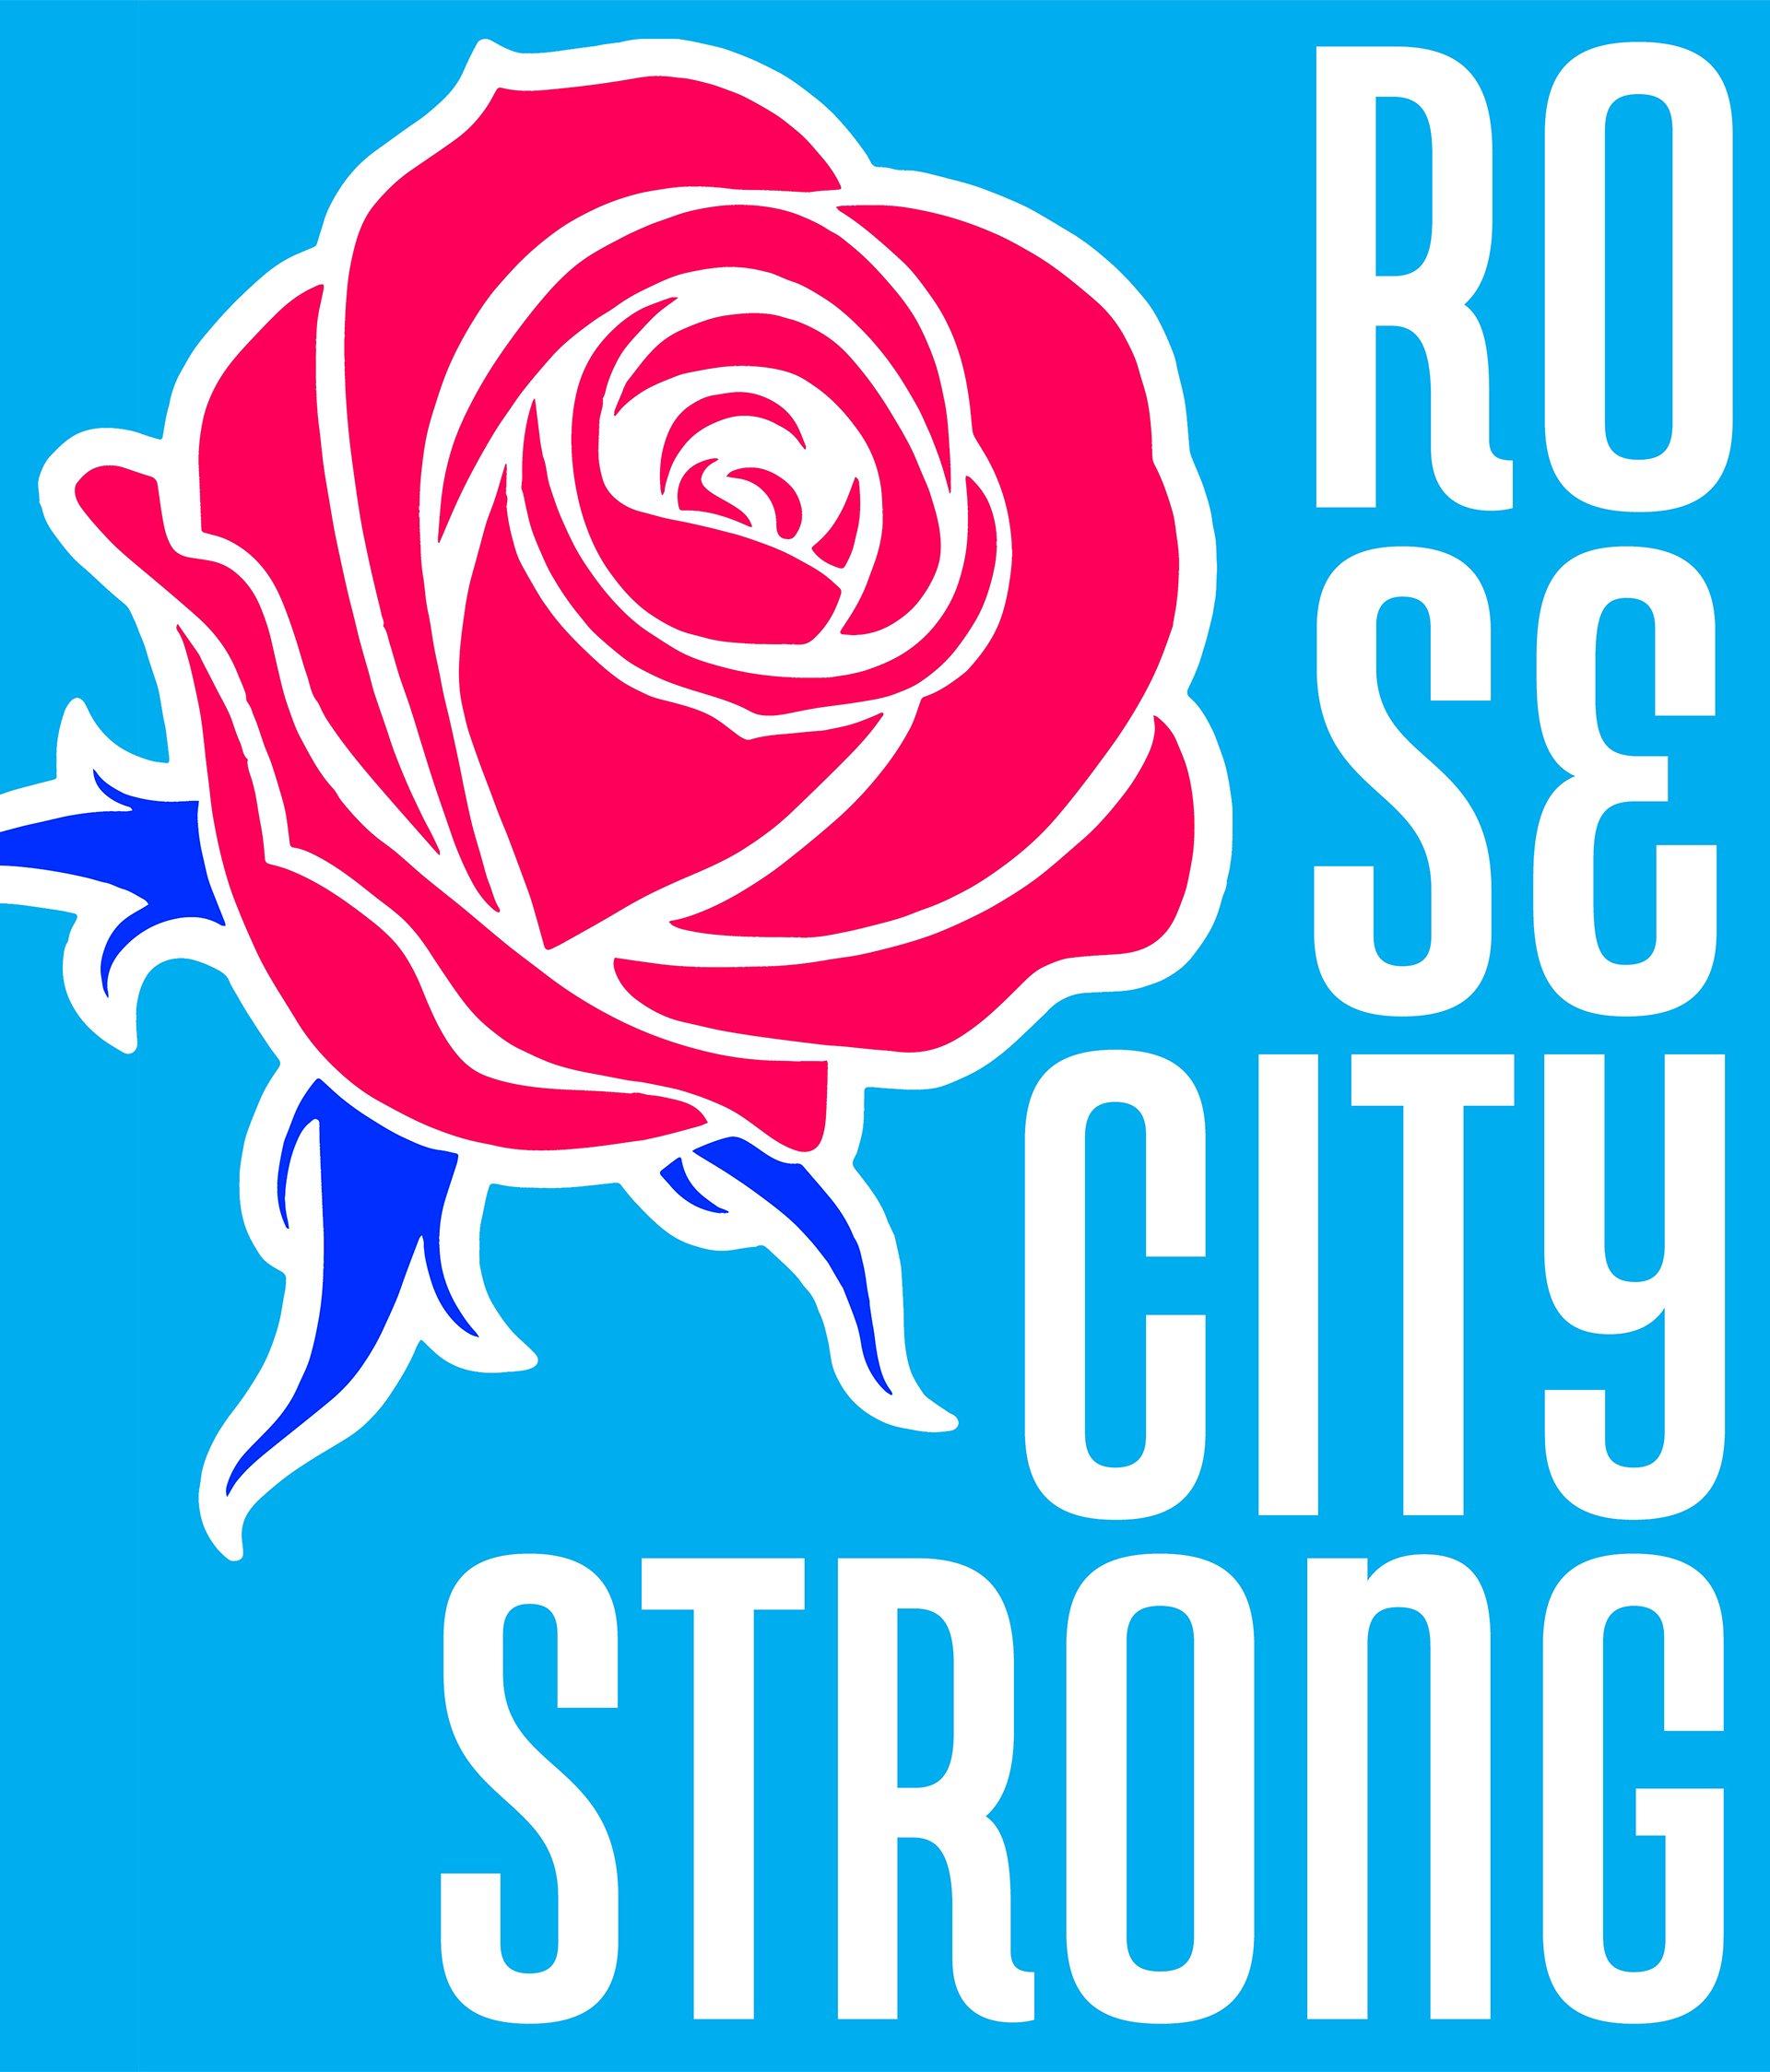 Rose City Srong